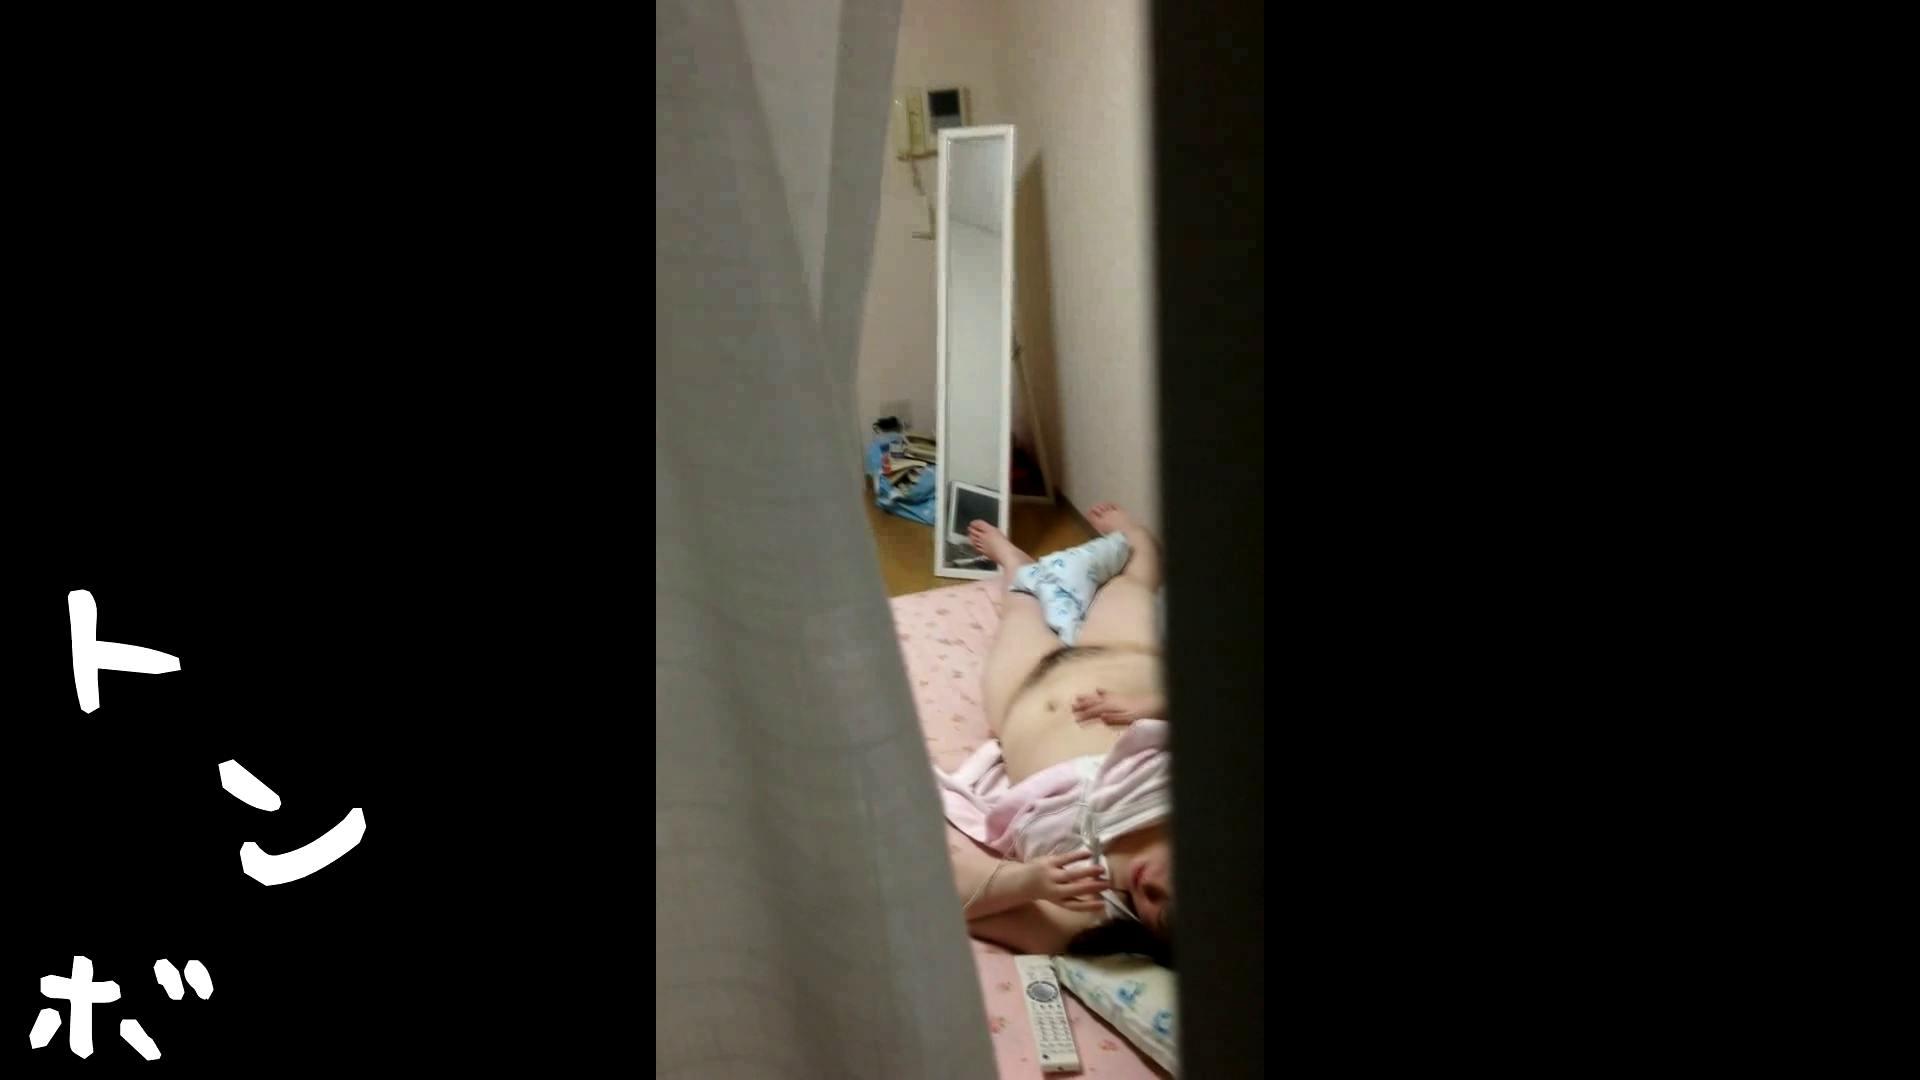 リアル盗撮 愛しいぽっちゃり女子大生 性欲溢れるオナニー 高画質 エロ無料画像 111画像 43